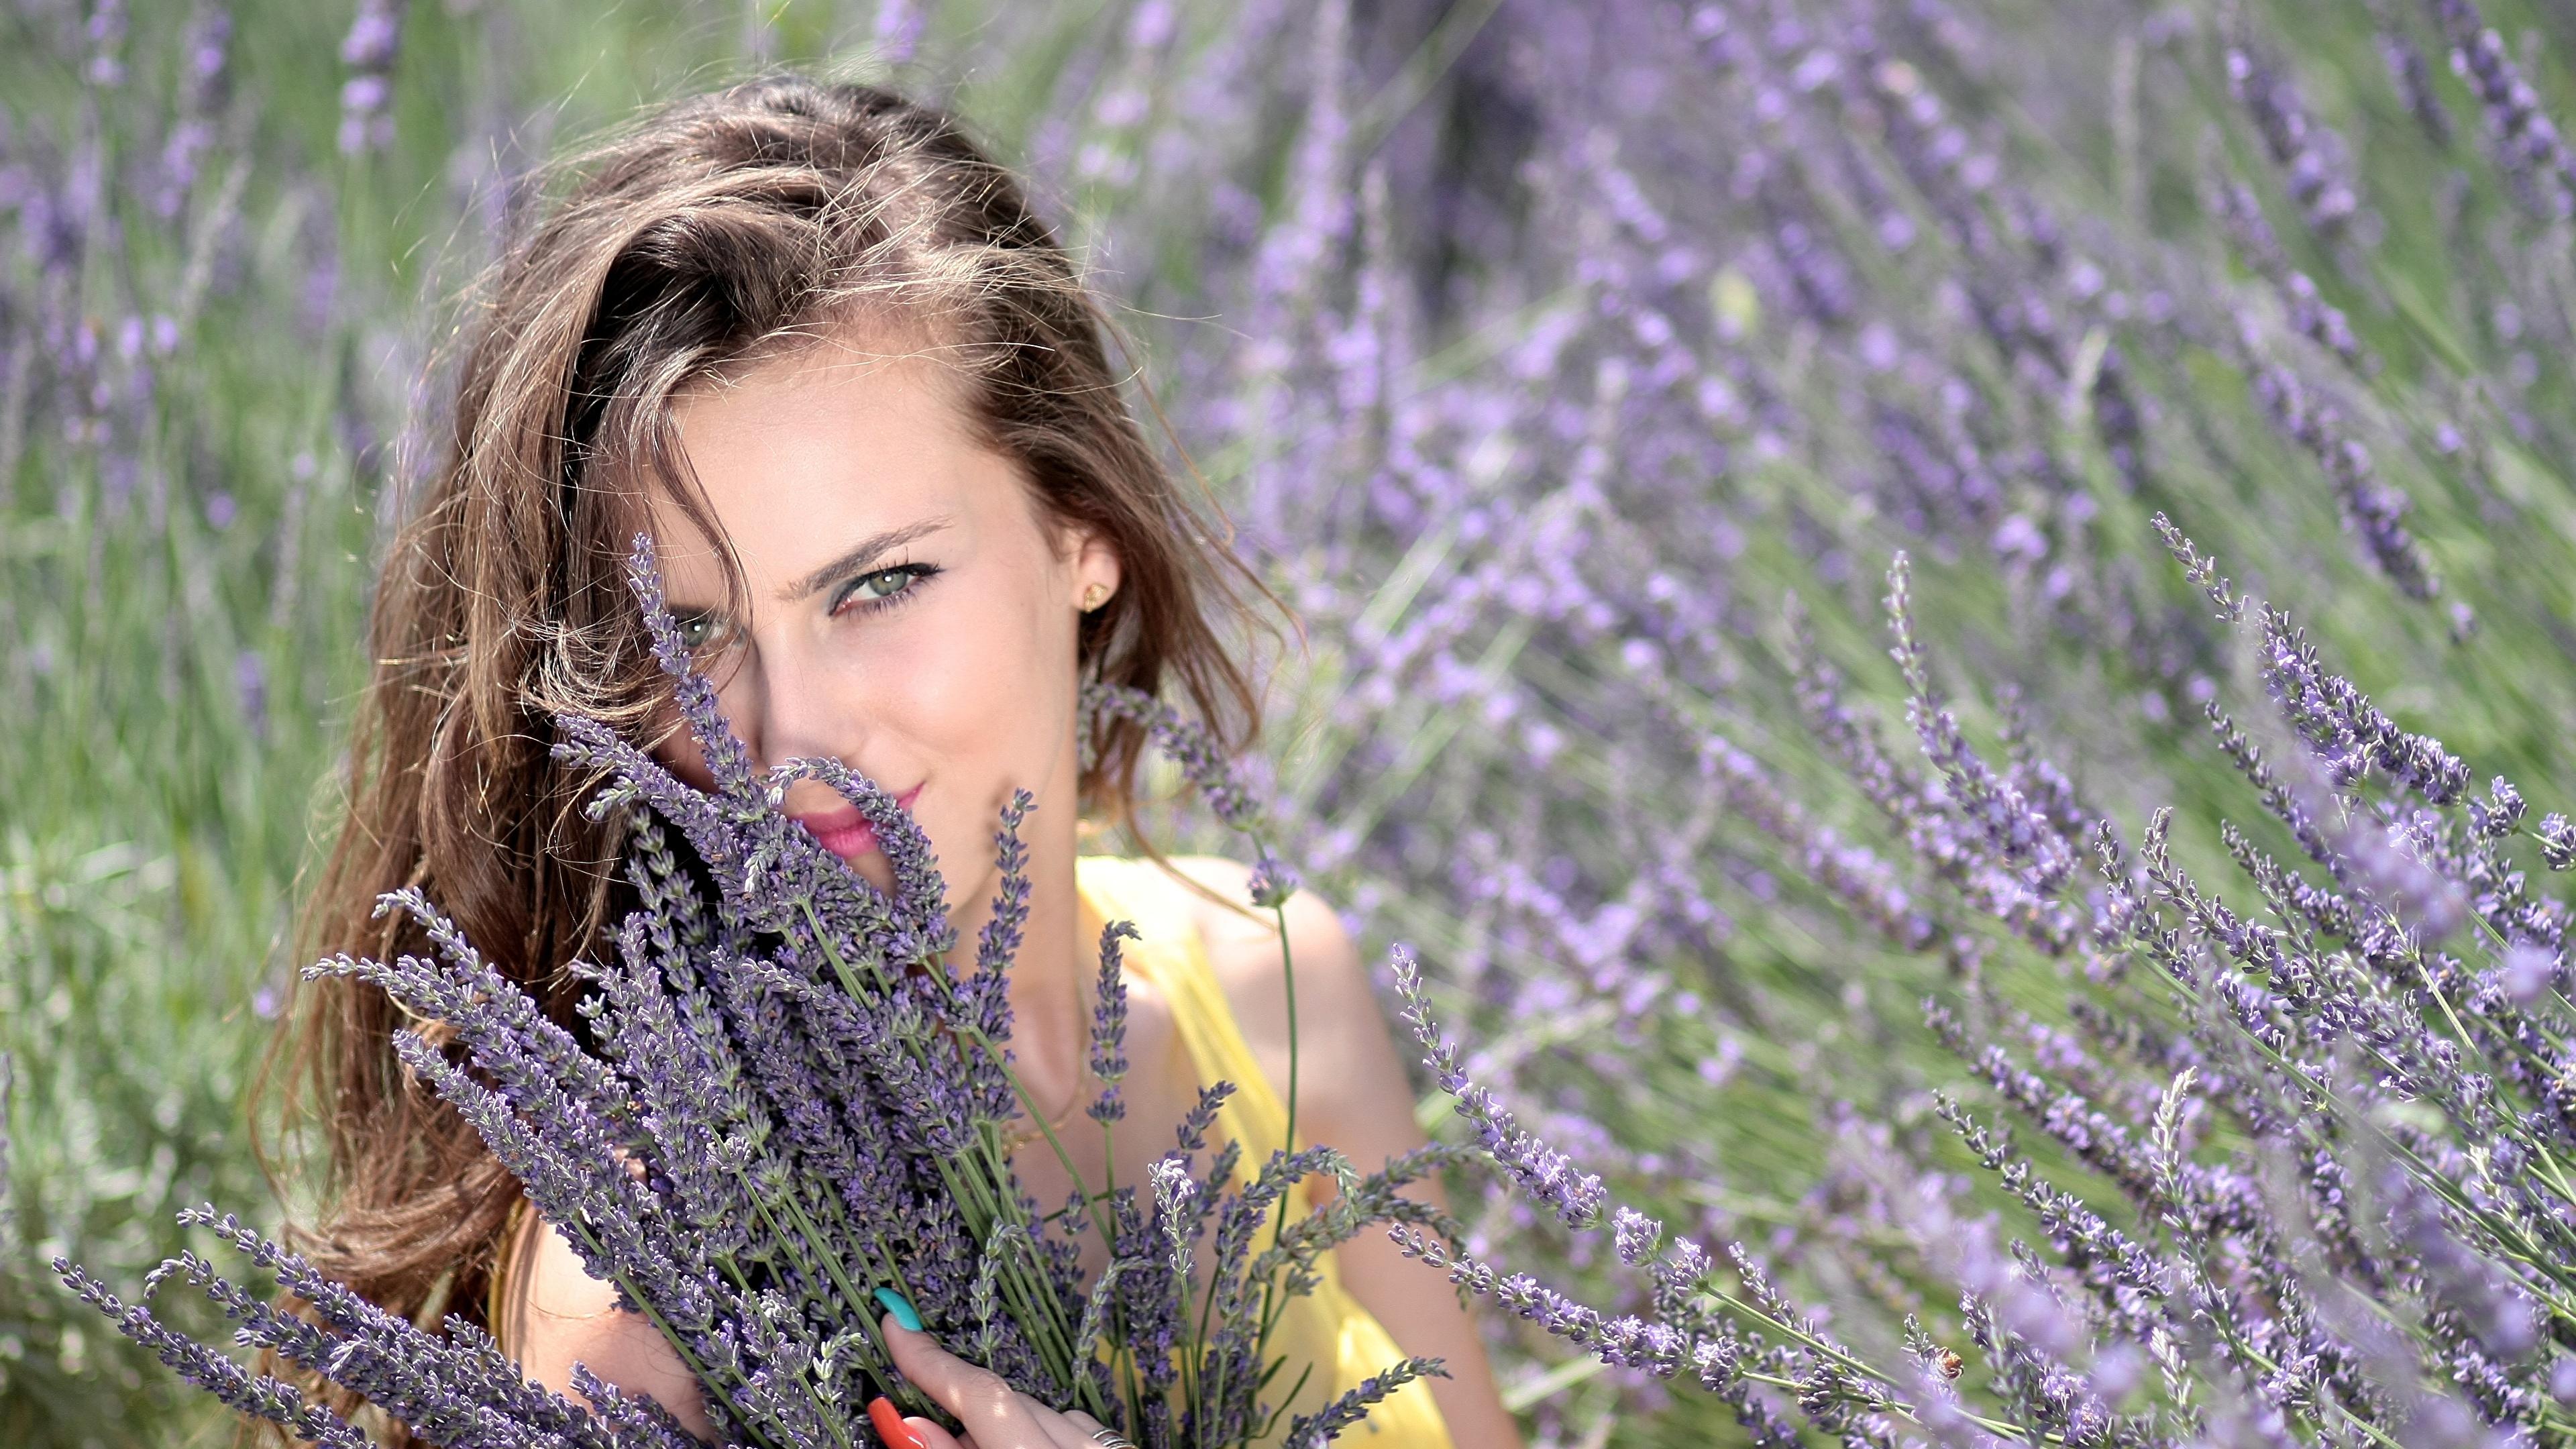 Фото Шатенка маникюра Улыбка красивый Девушки Лаванда Взгляд 3840x2160 шатенки Маникюр улыбается Красивые красивая девушка молодые женщины молодая женщина смотрят смотрит